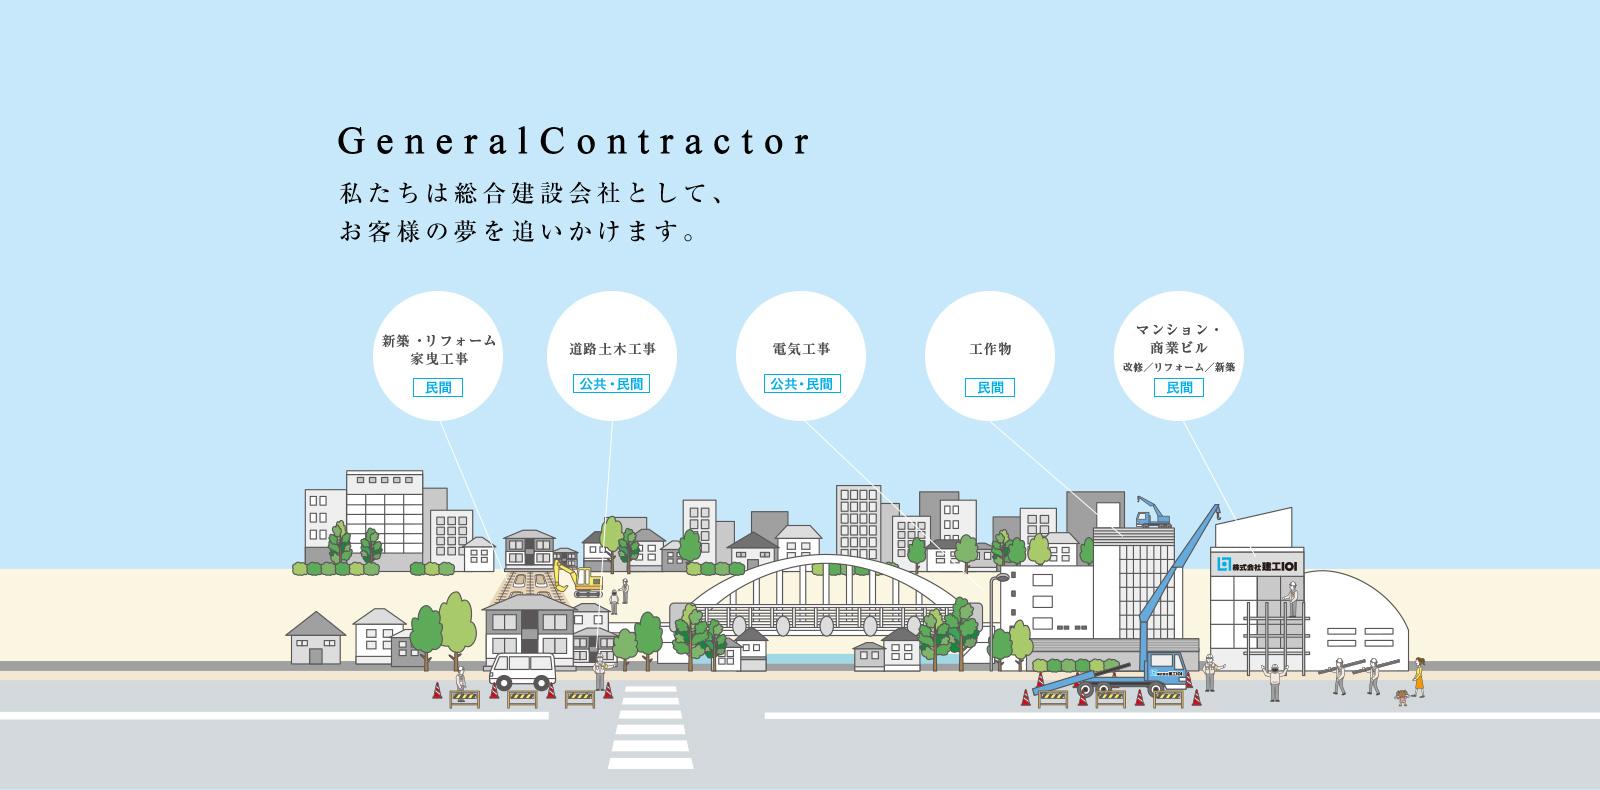 私たちは総合建設会社として、お客様の夢を追いかけます。